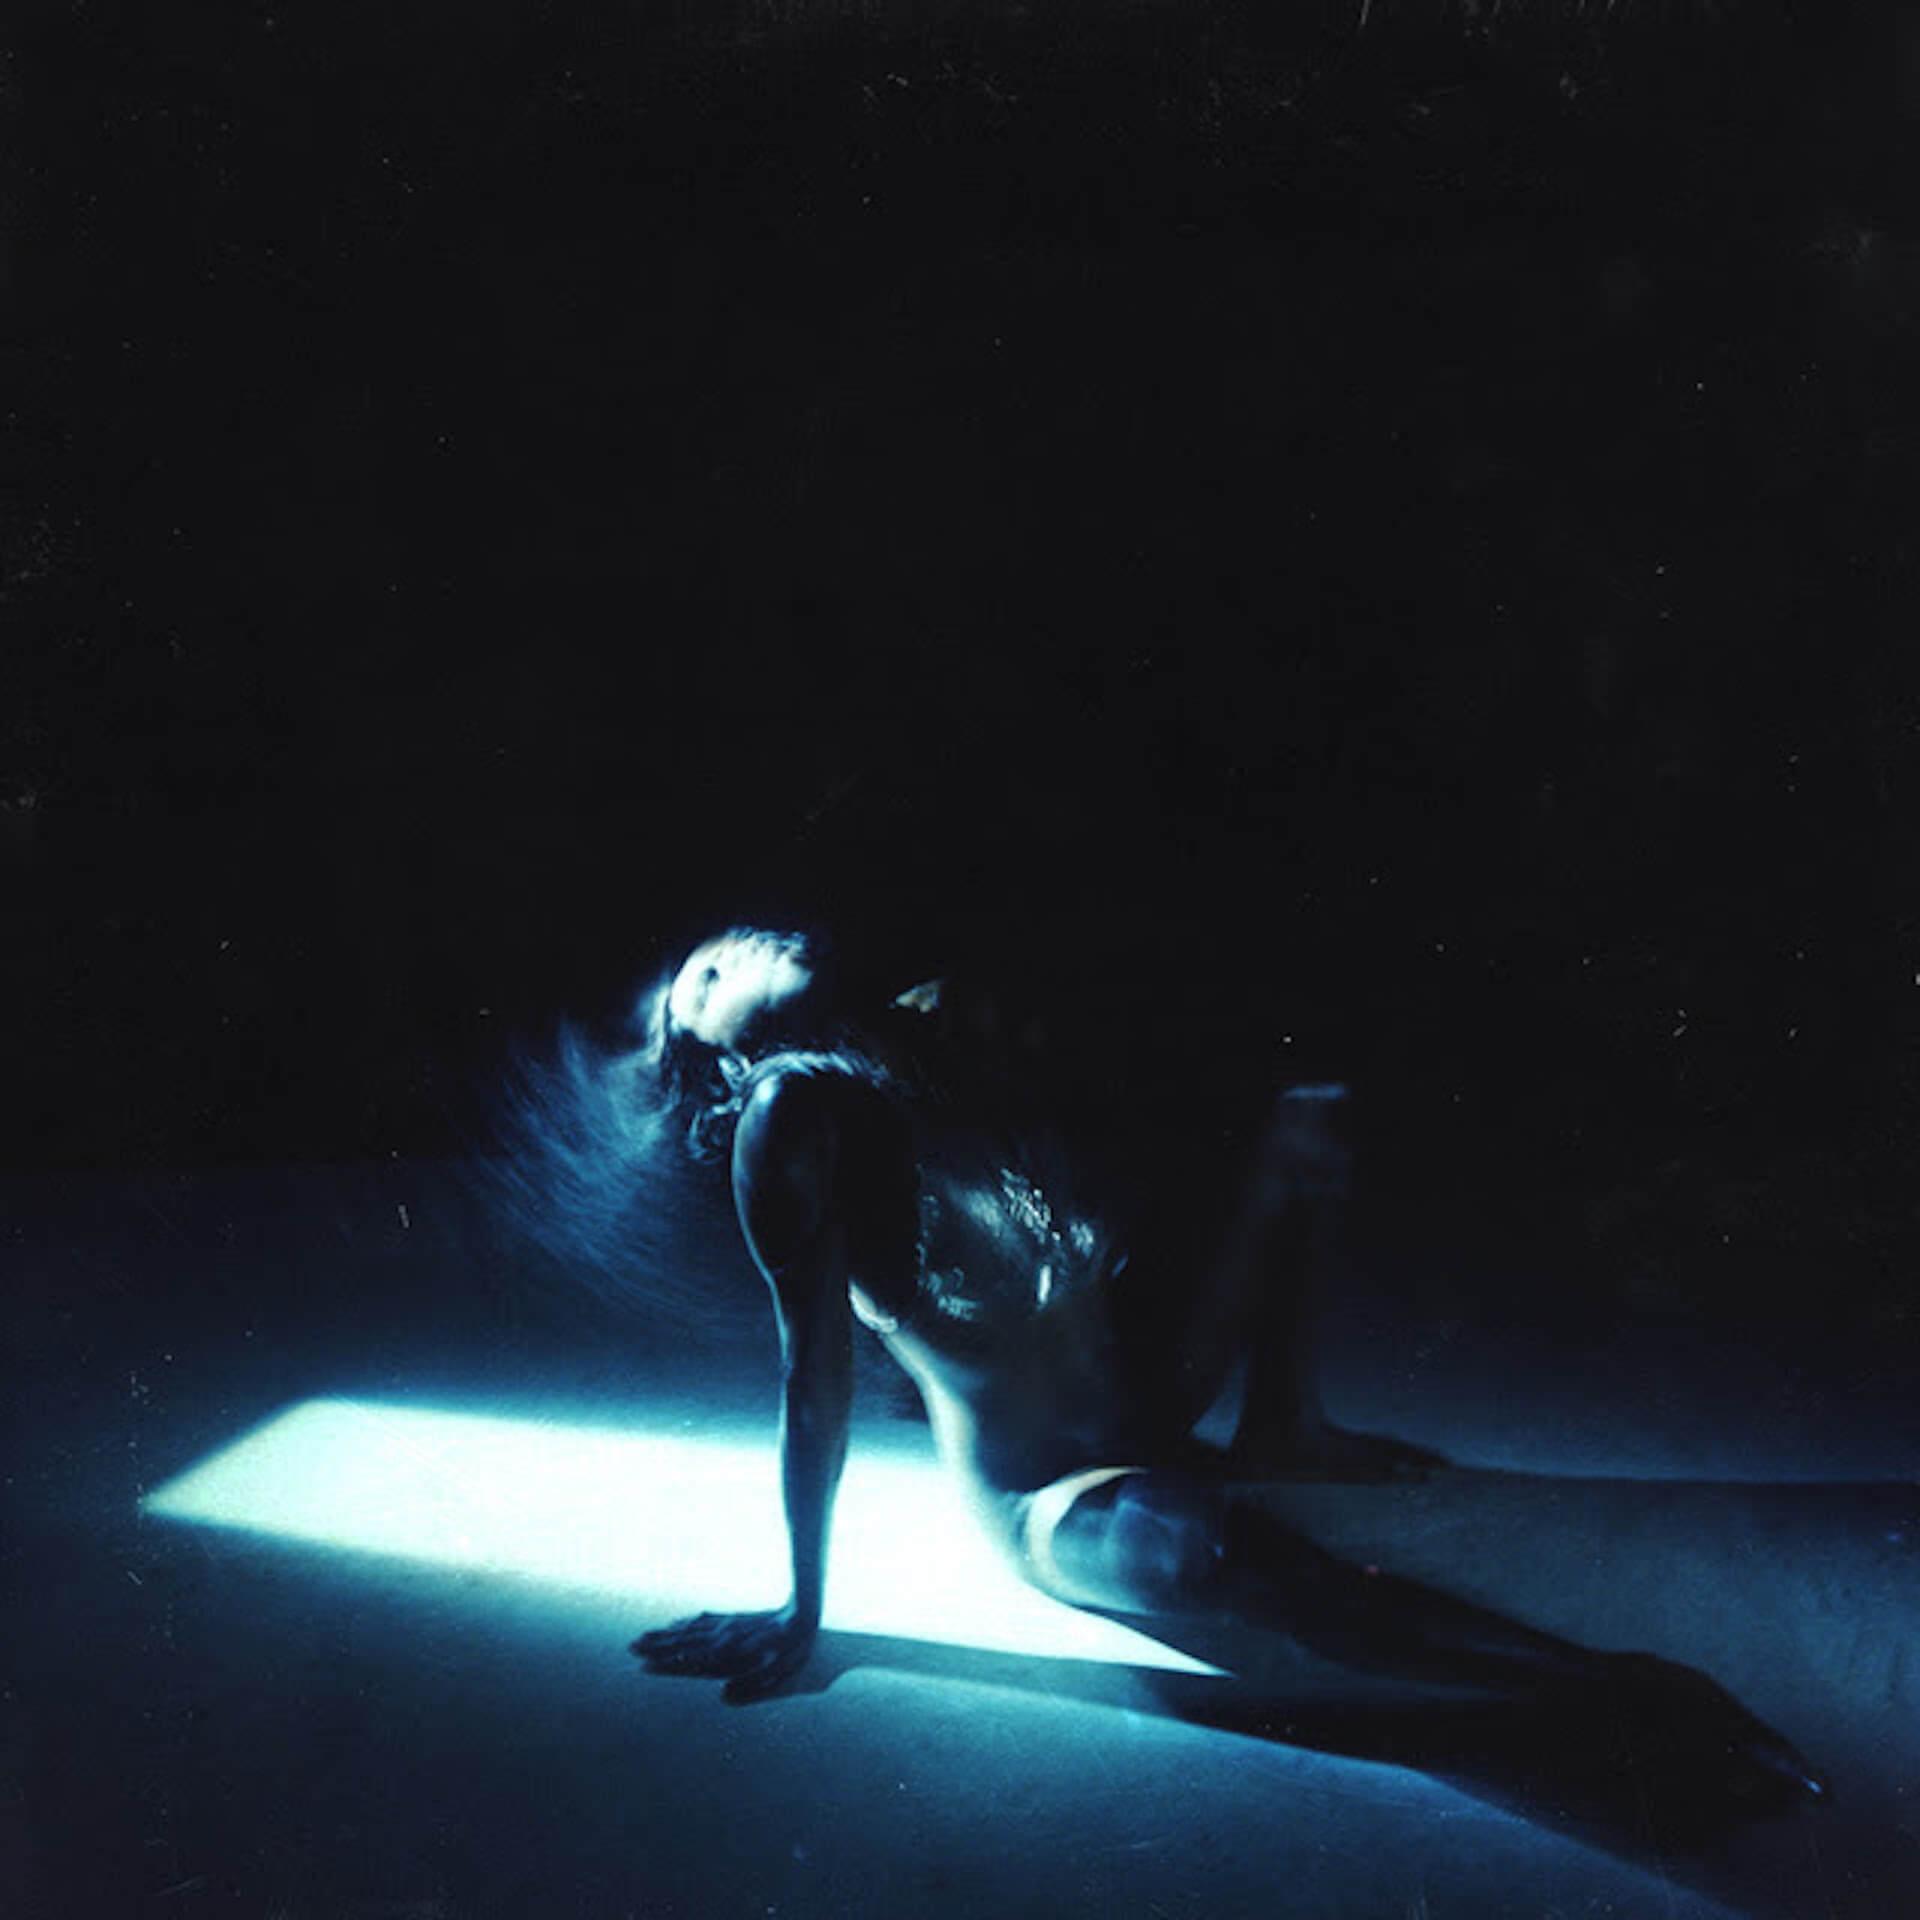 """Yves Tumorがニューアルバムから""""Romanticist""""、""""Dream Palette""""を同時公開!Kelsey Lu、Julia Cummingが参加 music200331_yvestumor_02"""